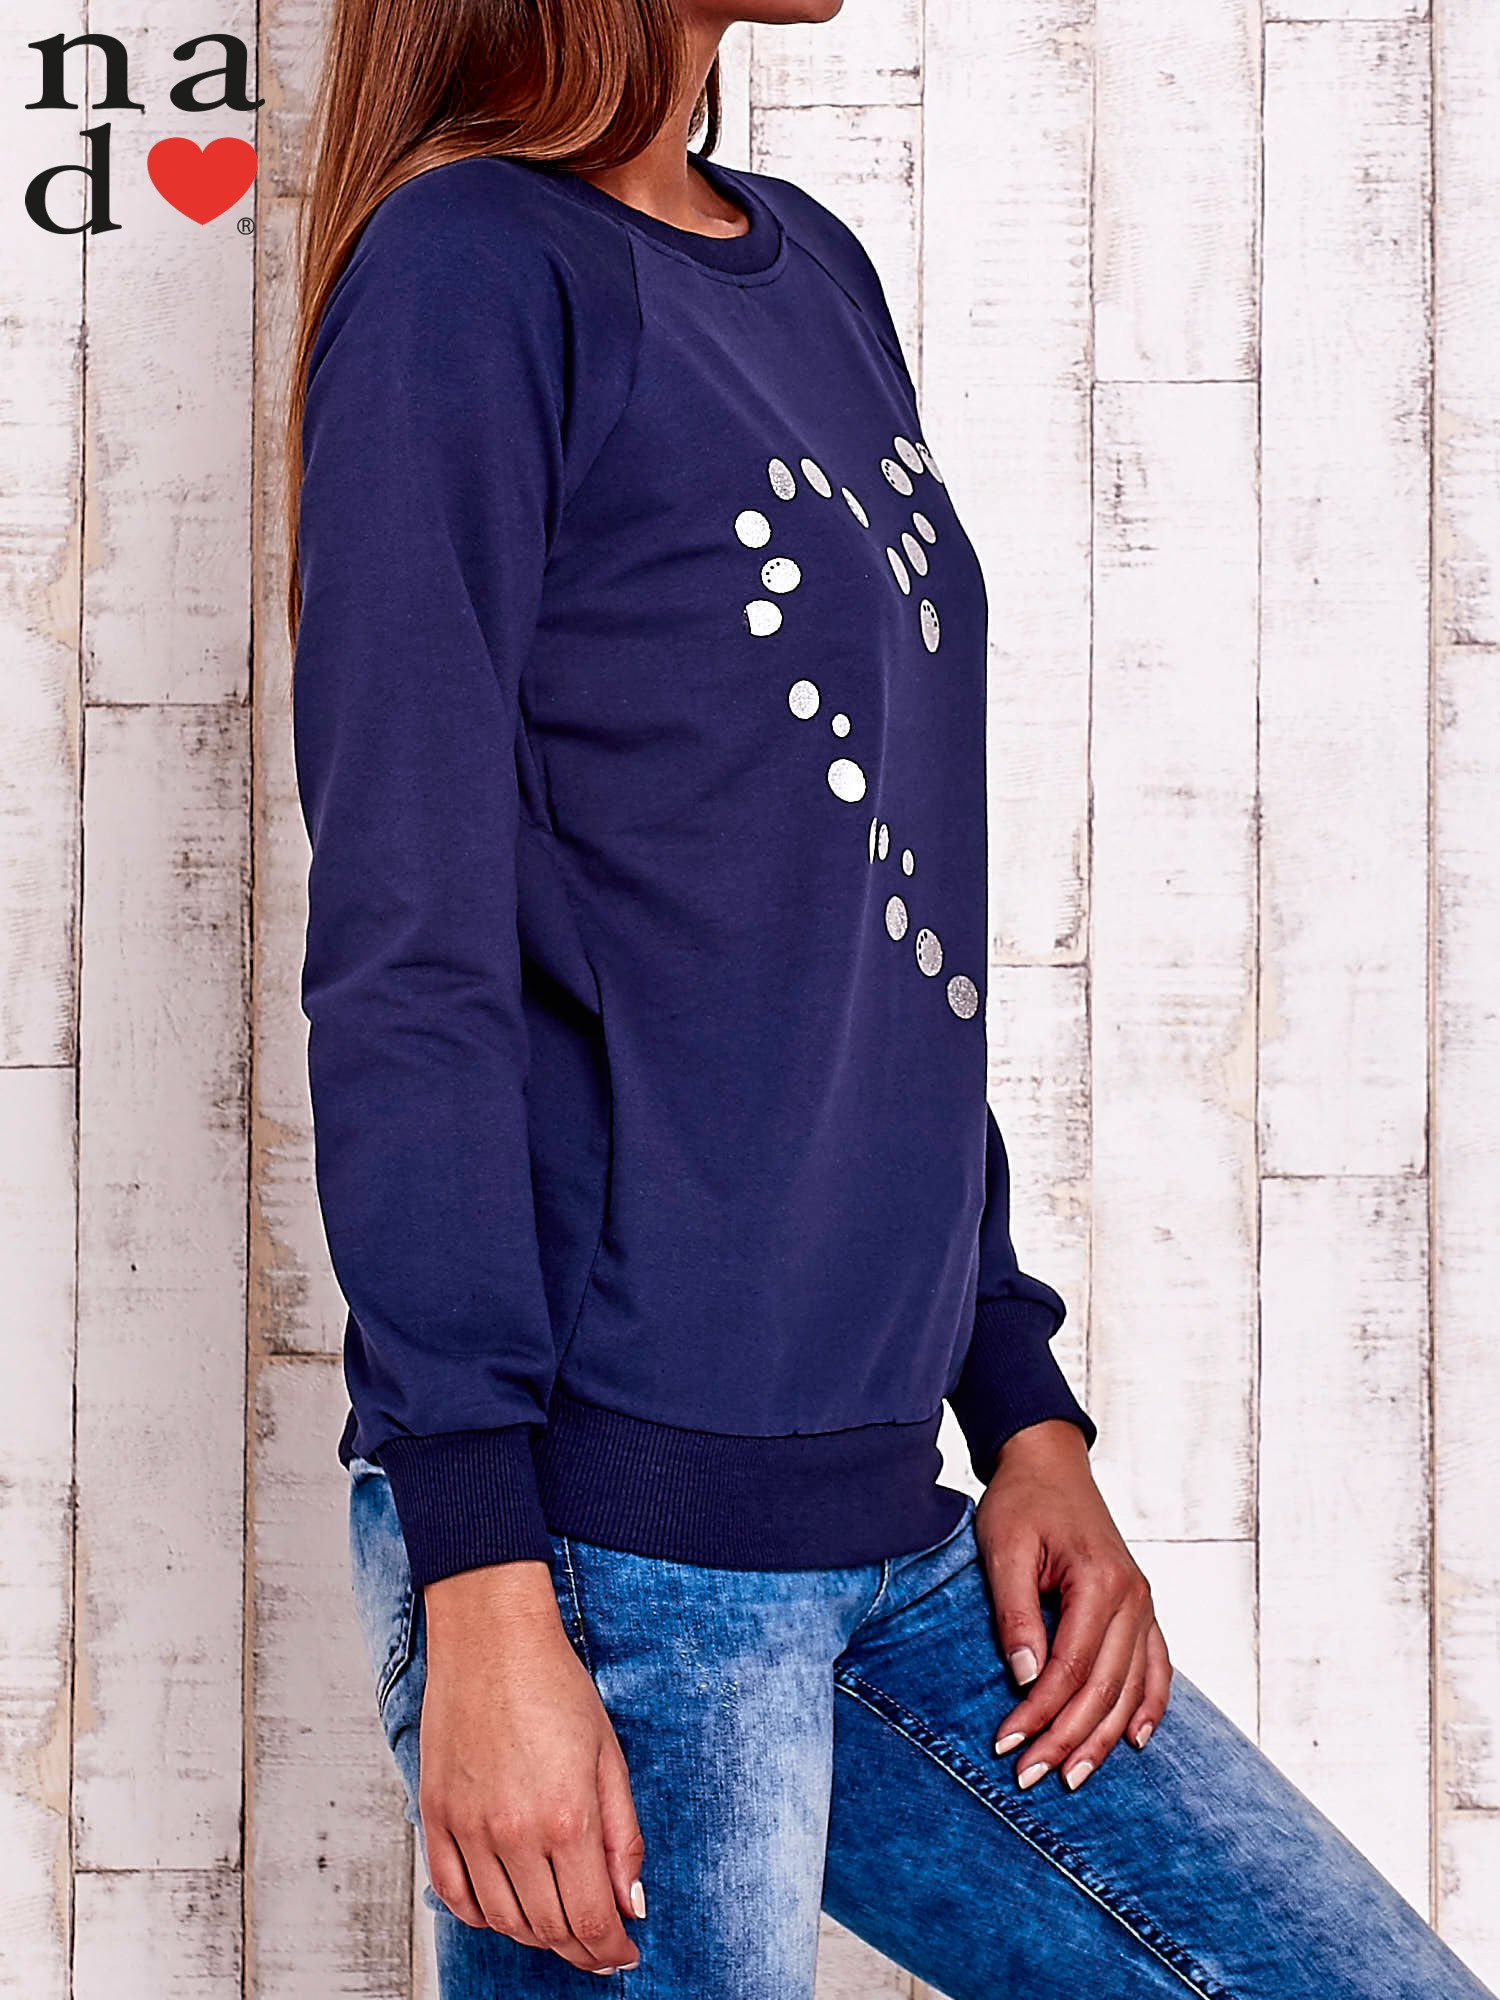 Granatowa bluza z wzorem serca                                  zdj.                                  3